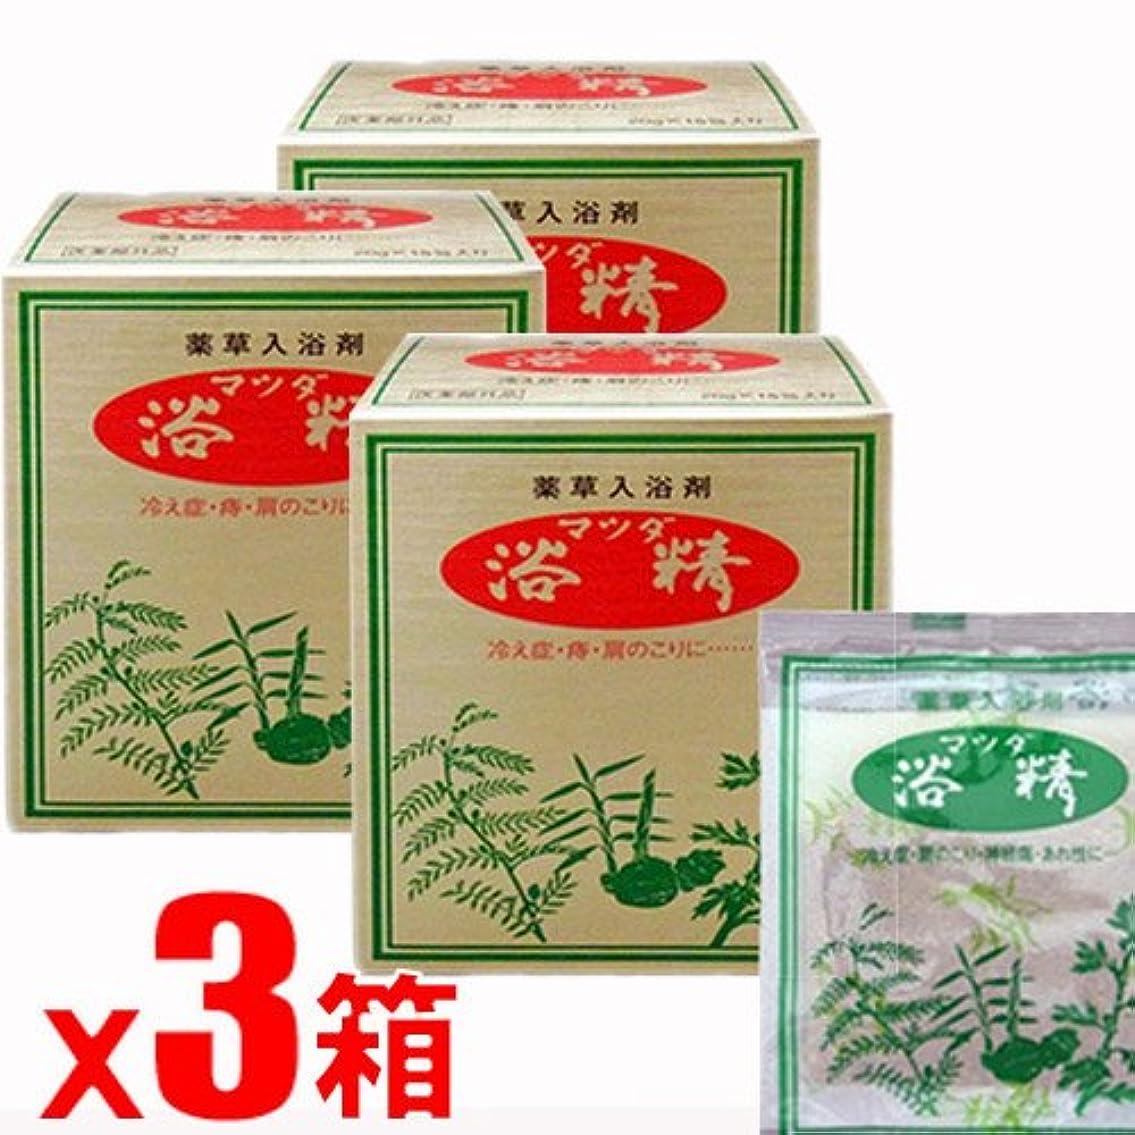 説教する裂け目六月【3箱】薬草入浴剤 マツダ浴精 20g×15包x3箱(4962461435165-3)